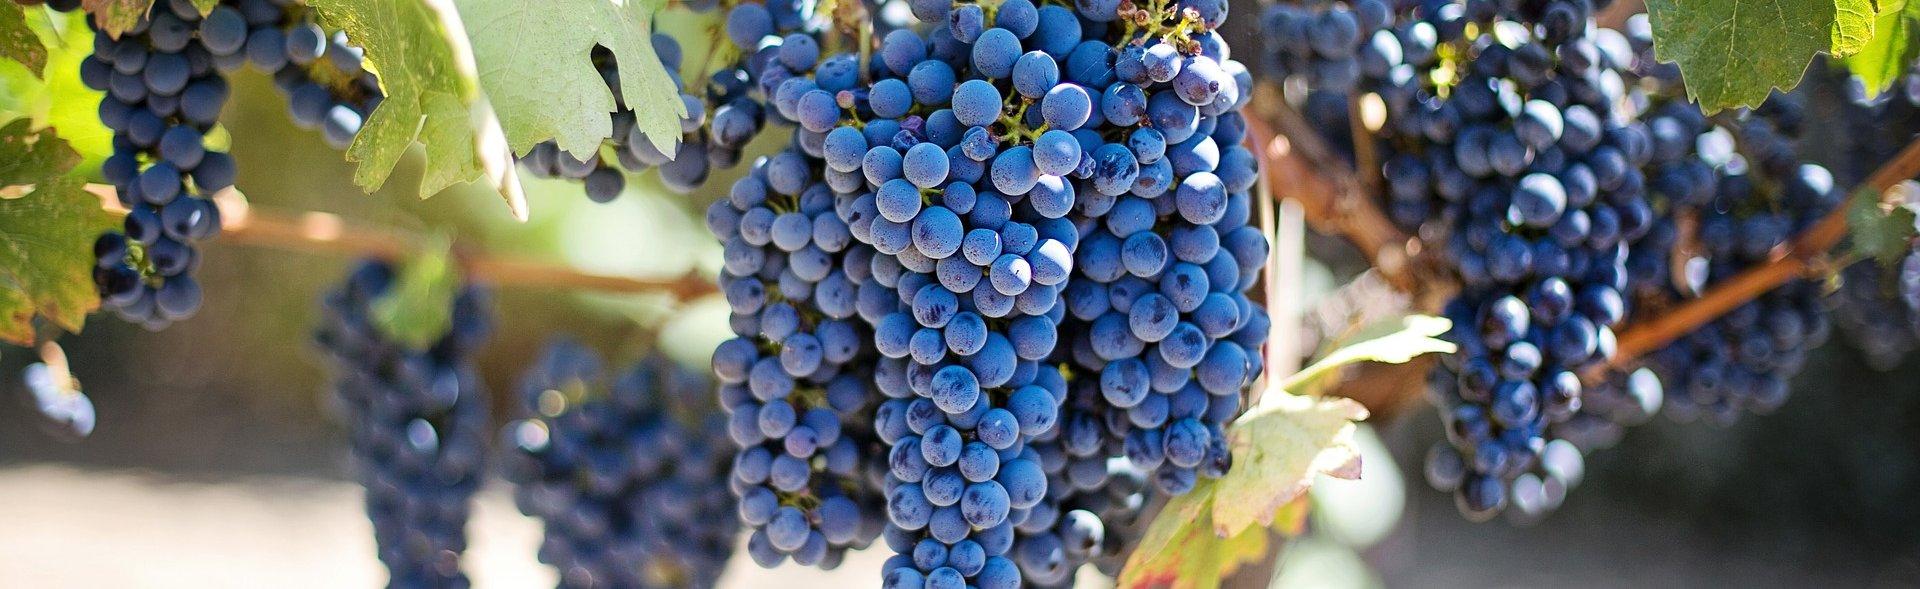 Wine Jellies